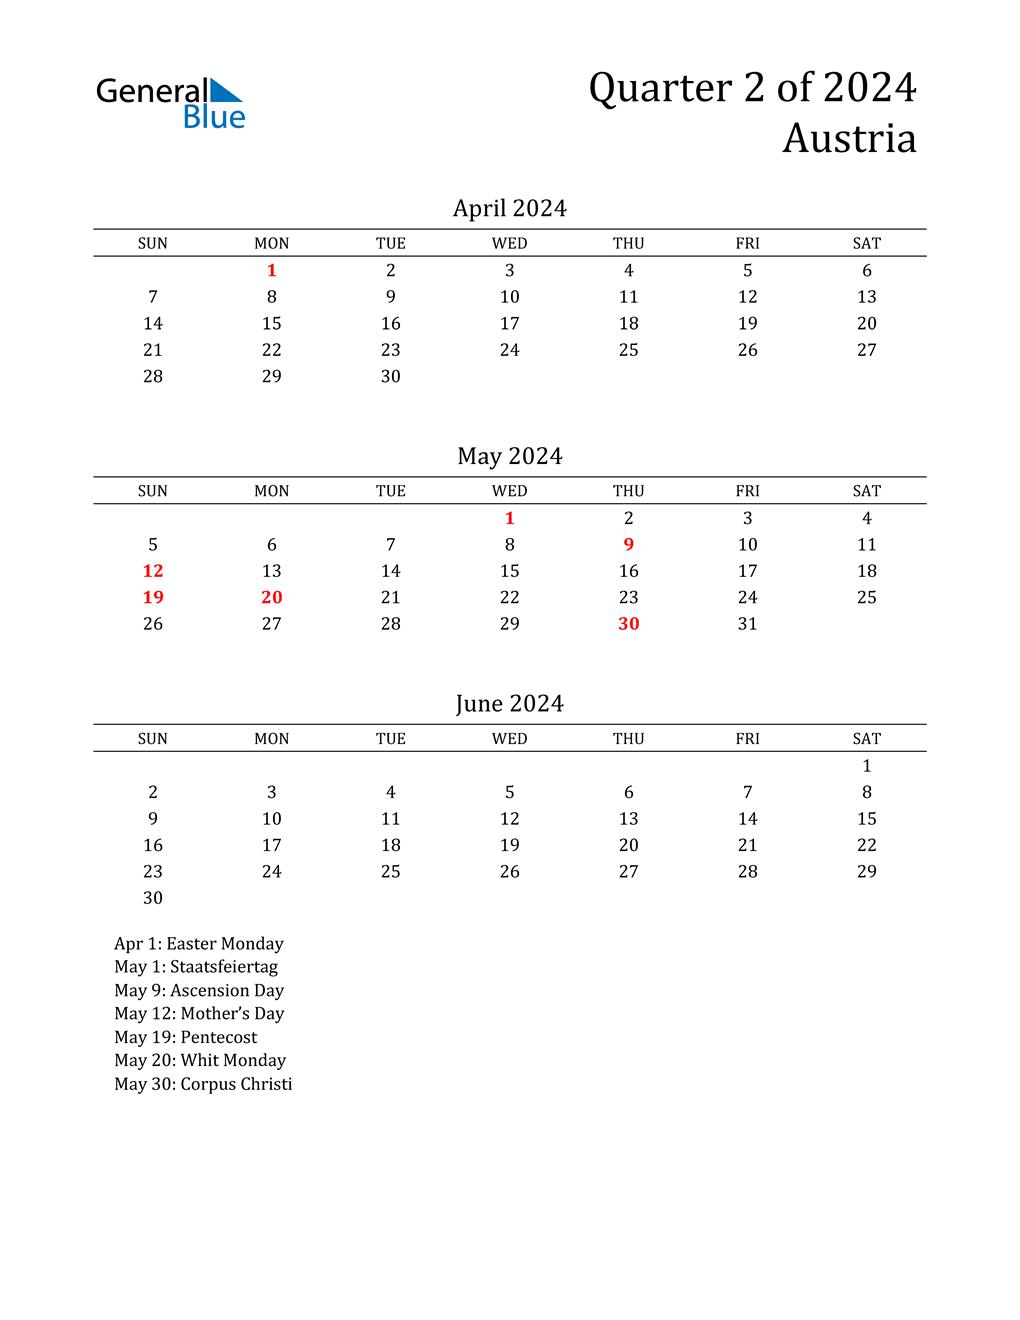 2024 Austria Quarterly Calendar